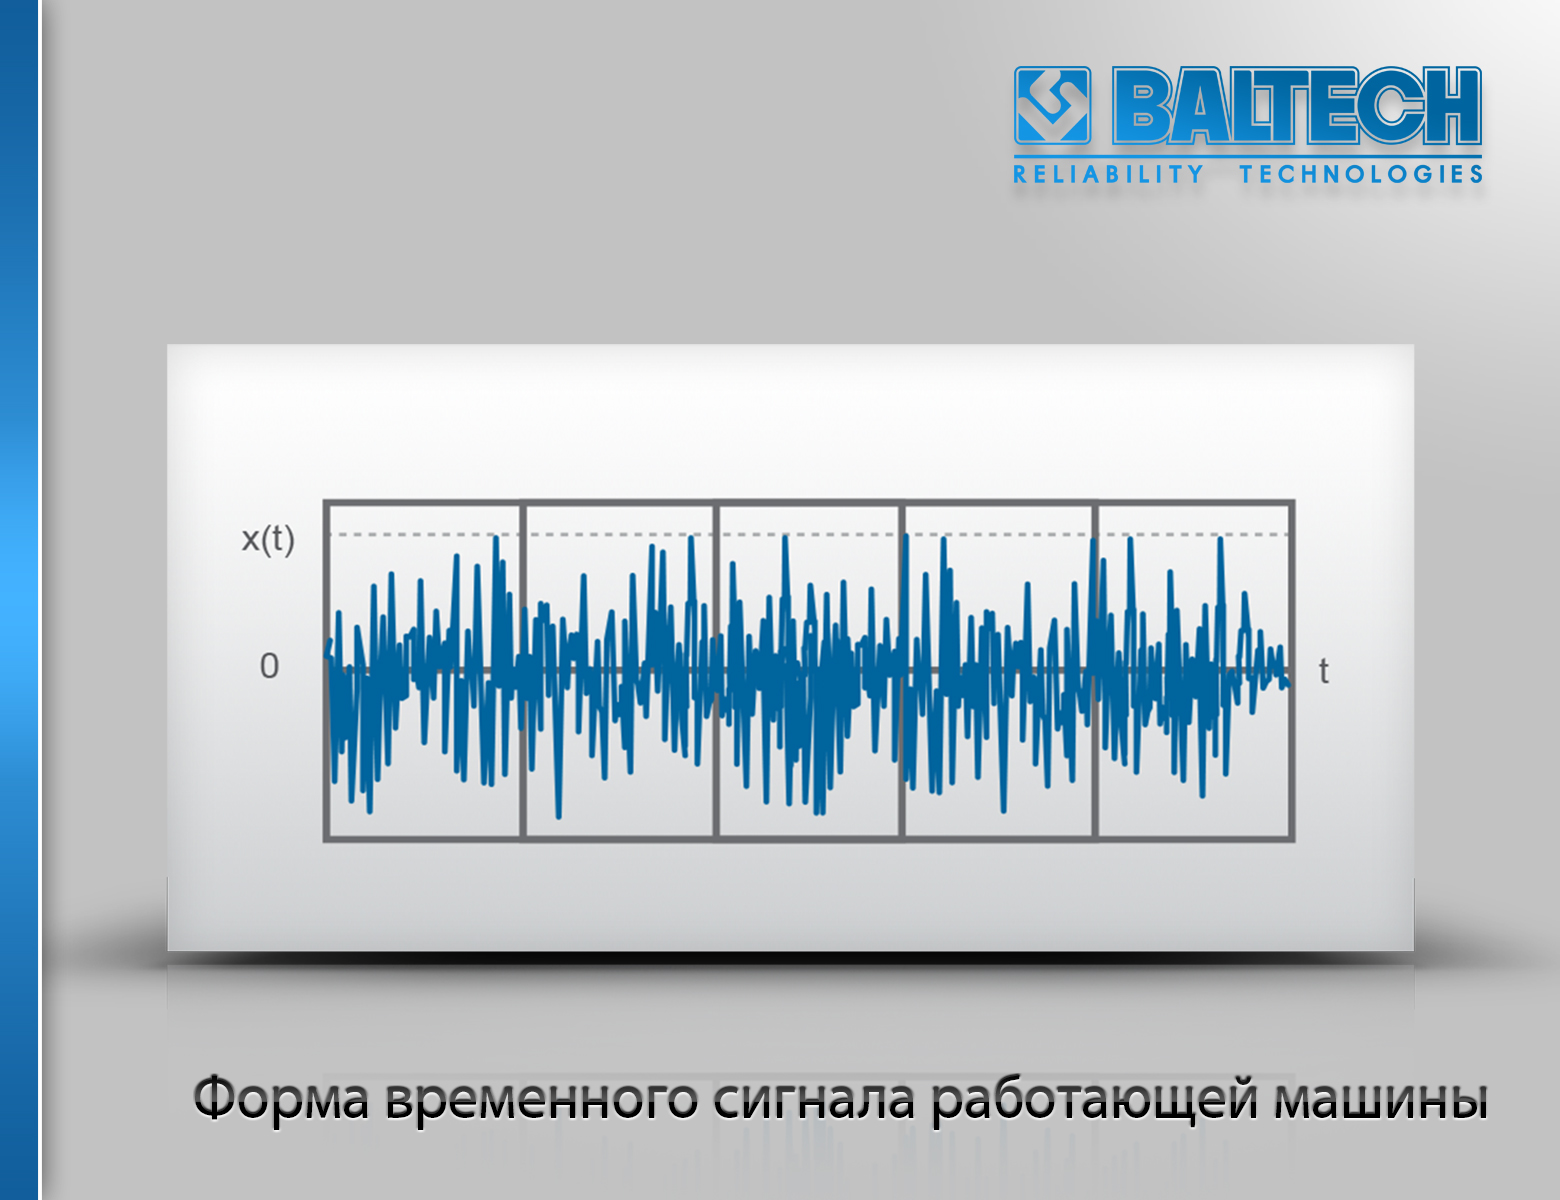 Форма временного сигнала колебаний, анализ вибрации, спектральный анализ вибрации, купить виброанализатор